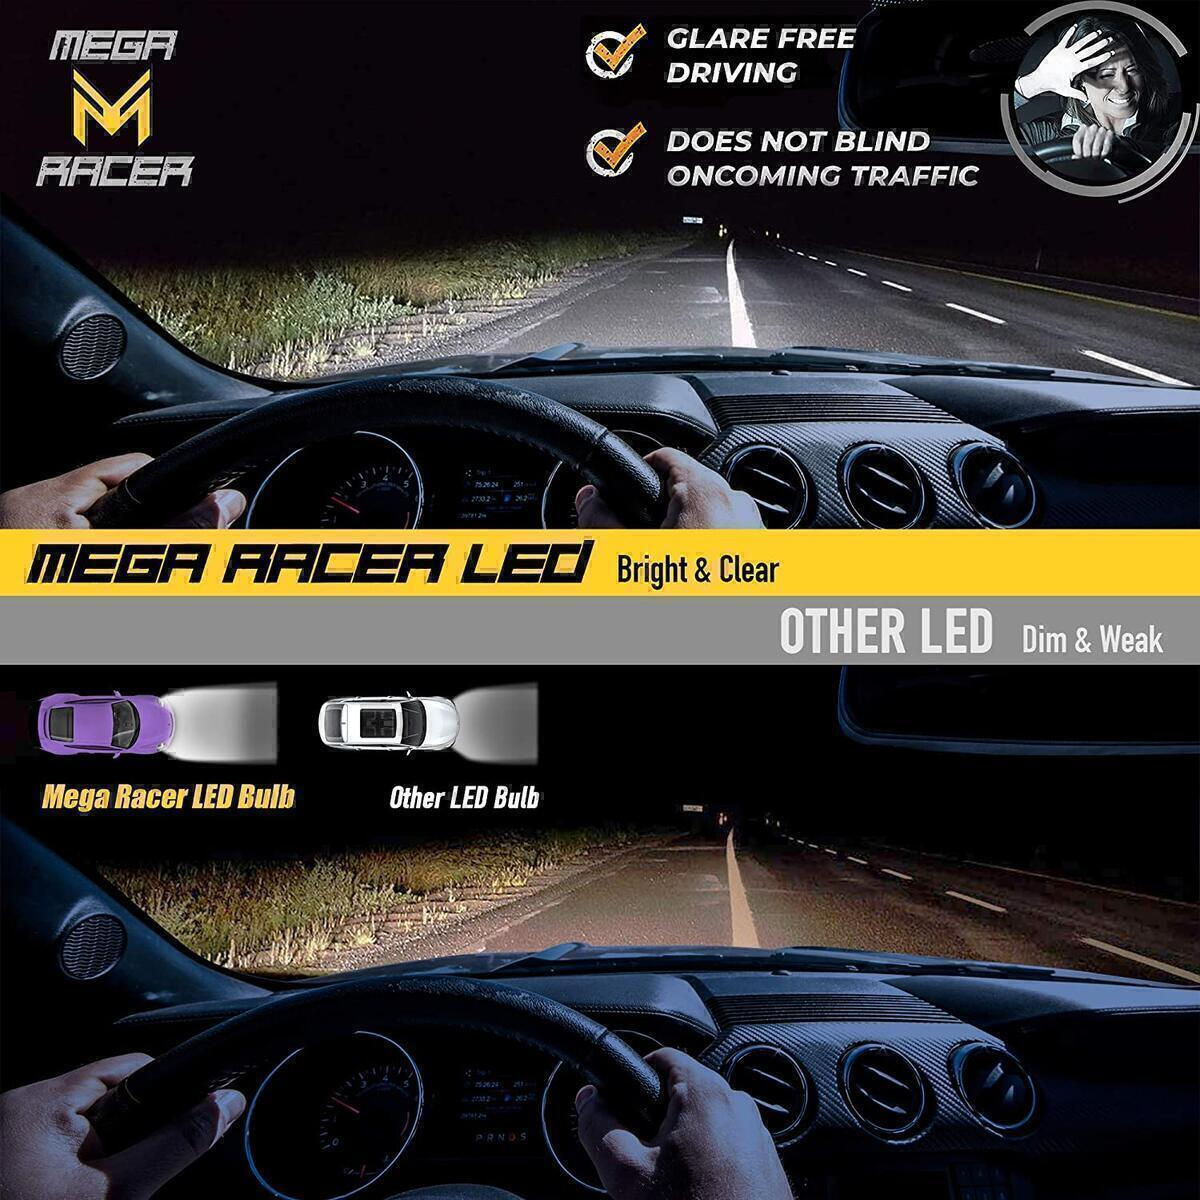 Mega Racer 4 Sided H11/H8/H9/H16 LED Headlight Bulbs for Low Beam/Fog Light/High Beam 60W 6000K 10000 Lumens Super Bright White COB IP68 Waterproof, Pack of 2